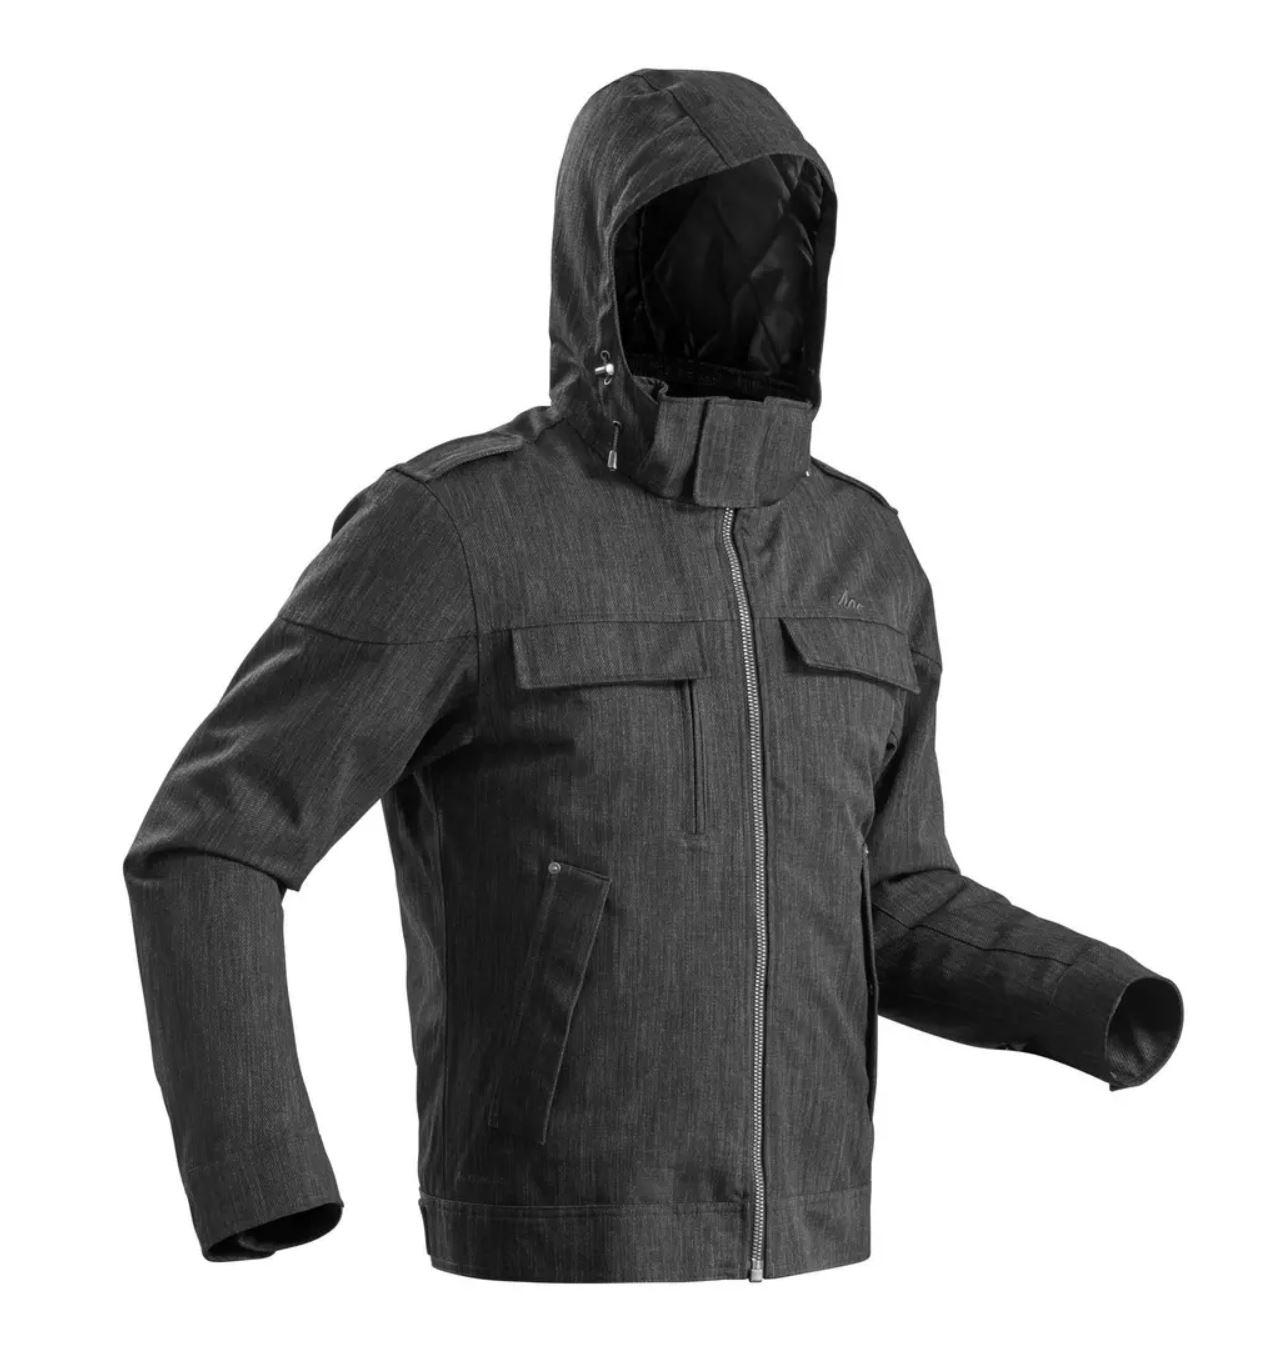 Veste chaude imperméable de randonnée Quechua SH500 X-Warm pour Homme - Toutes tailles